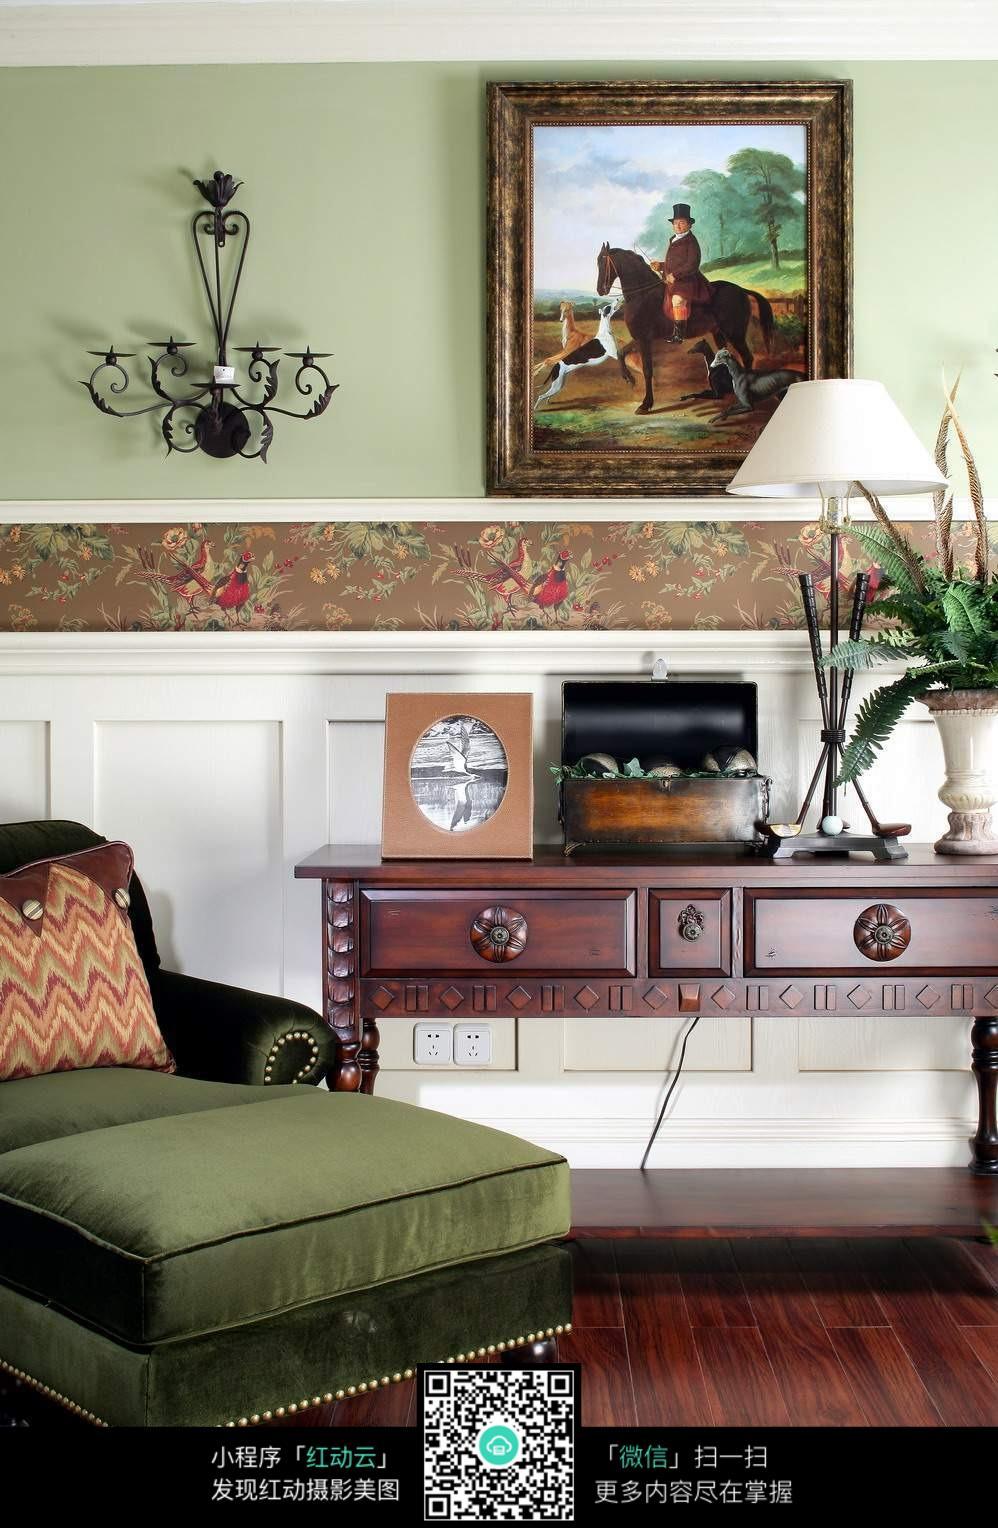 墨绿色沙发设计